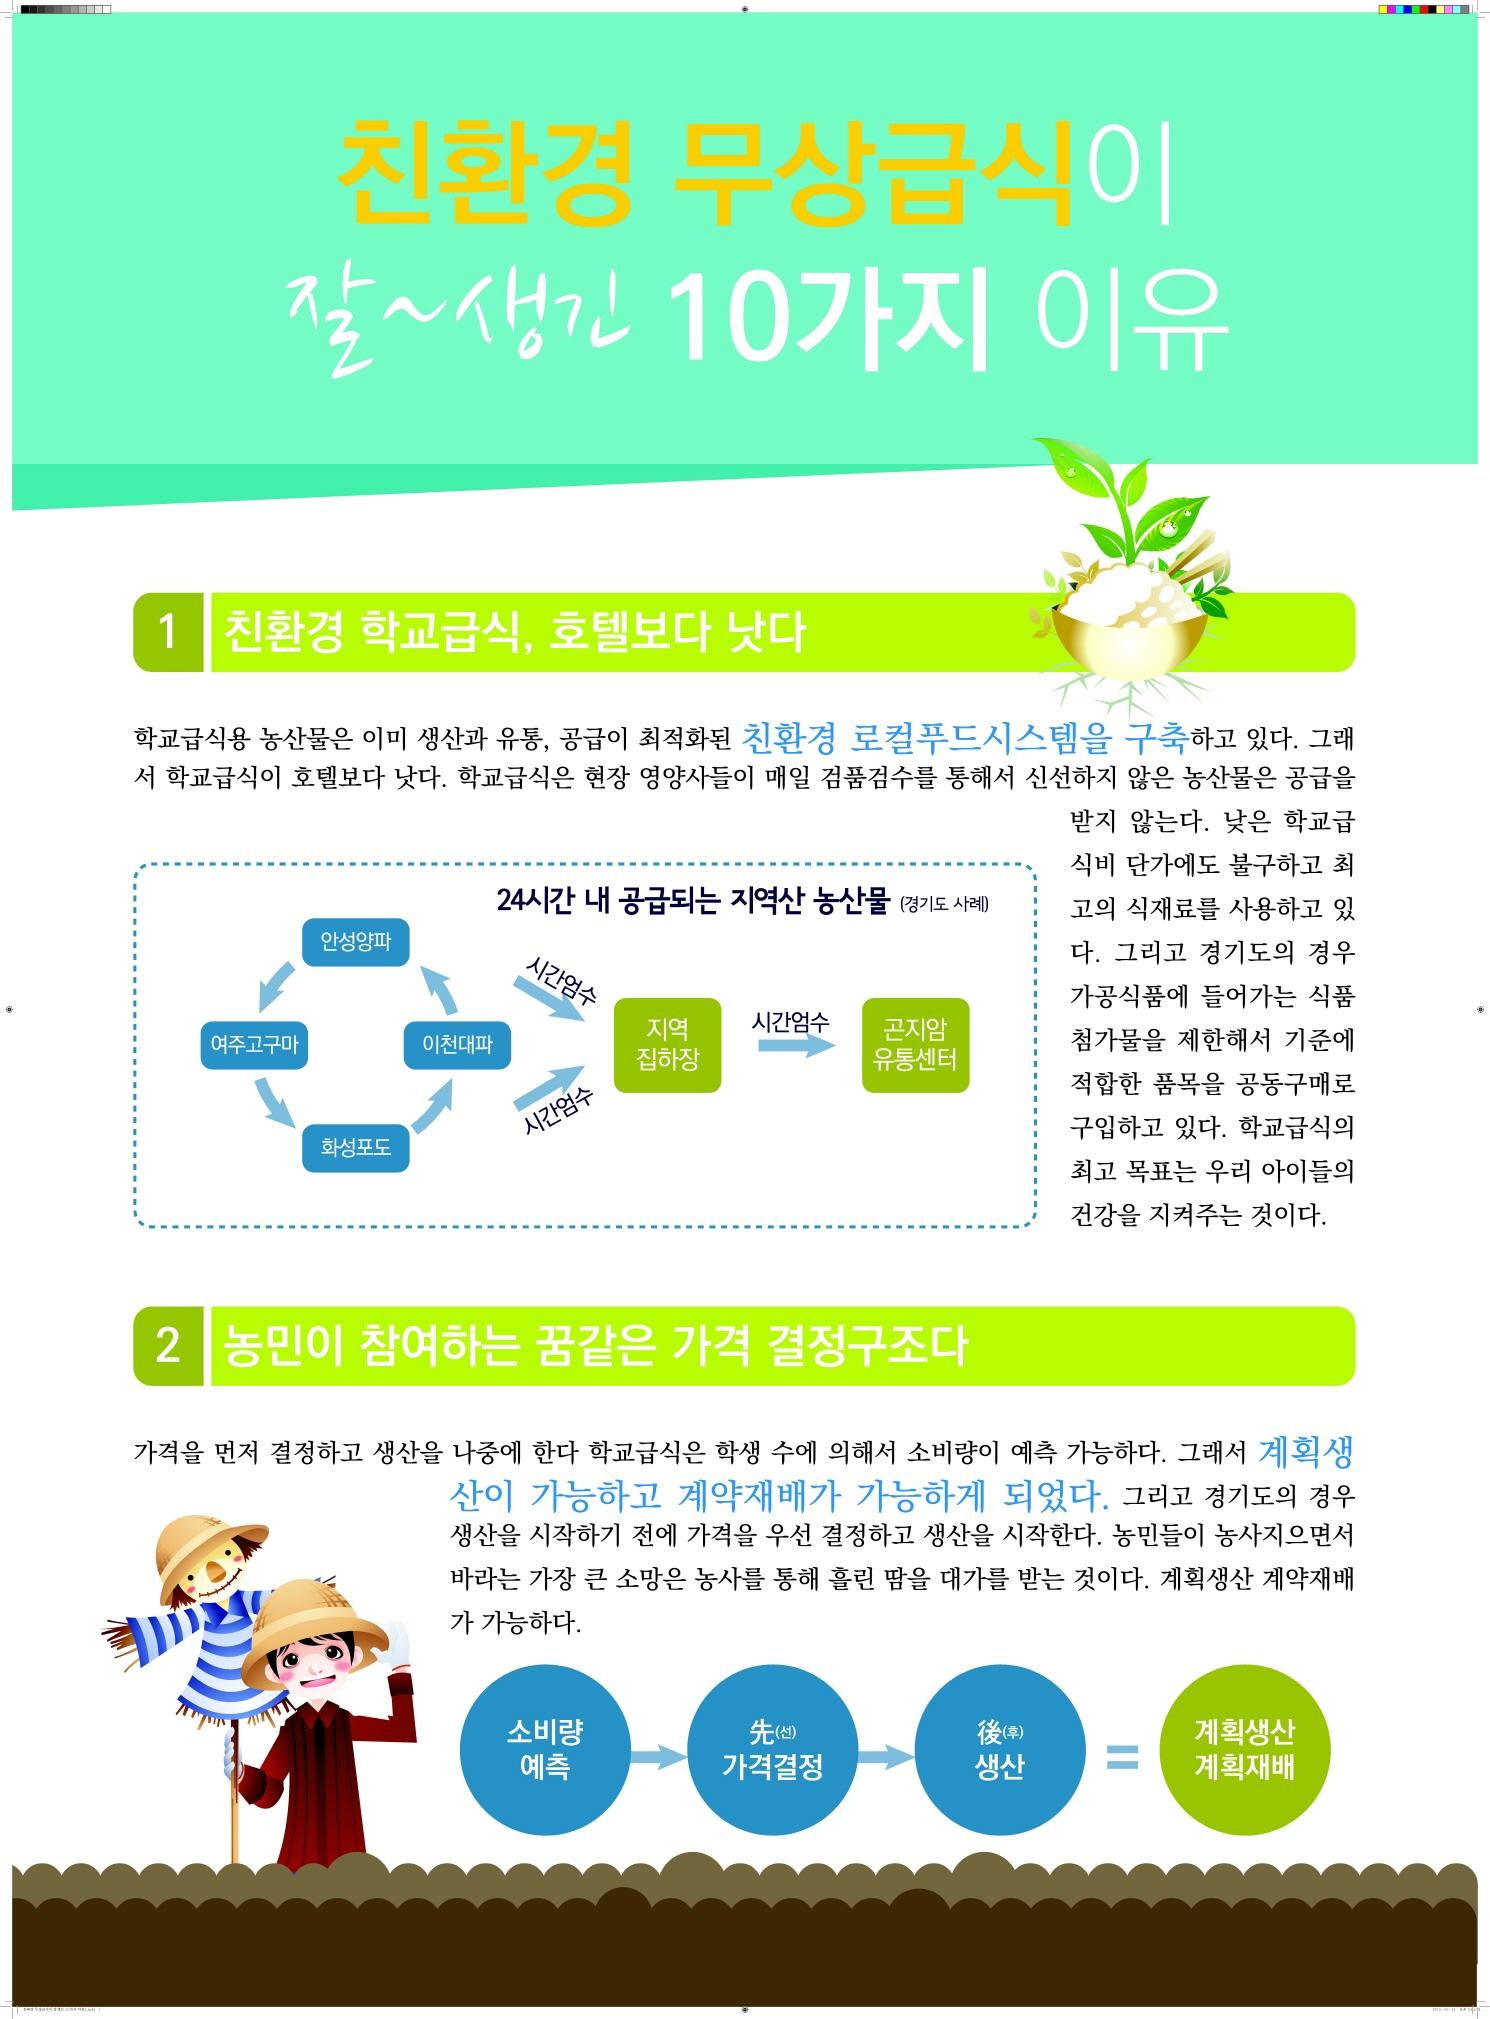 크기변환_20150621_친환경 무상급식 이유(NEW)_배경희.pdf.01.jpg